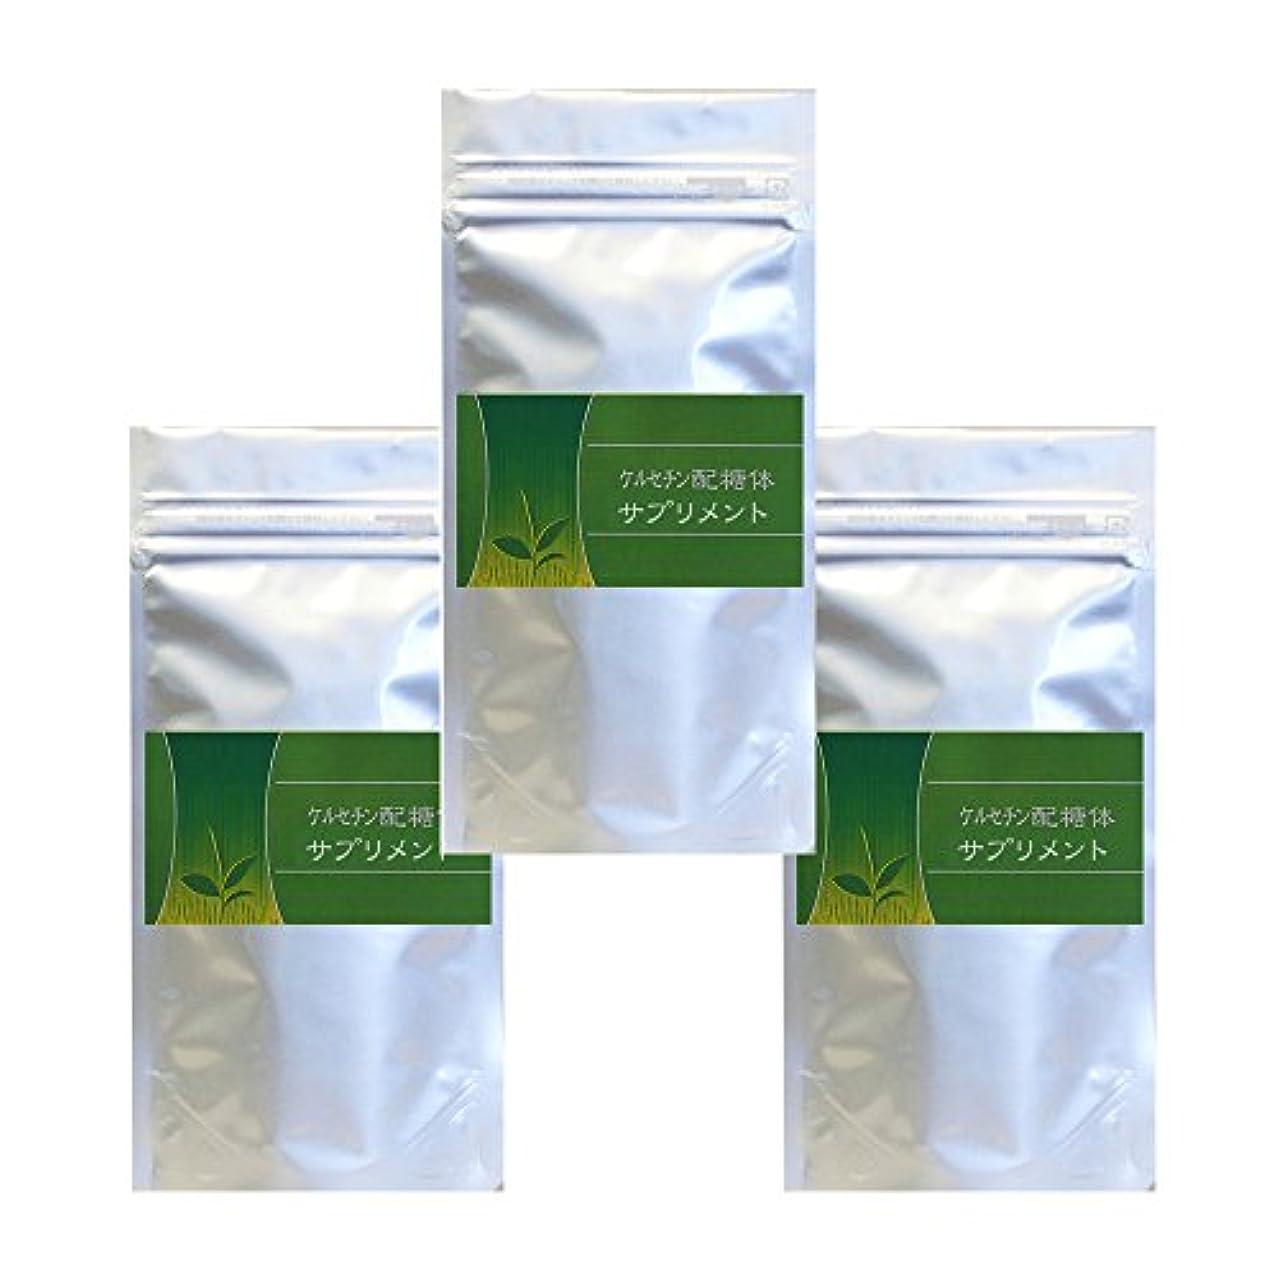 古代記念日臨検ケルセチン配糖体サプリメント90粒(約1ヶ月分)×3個